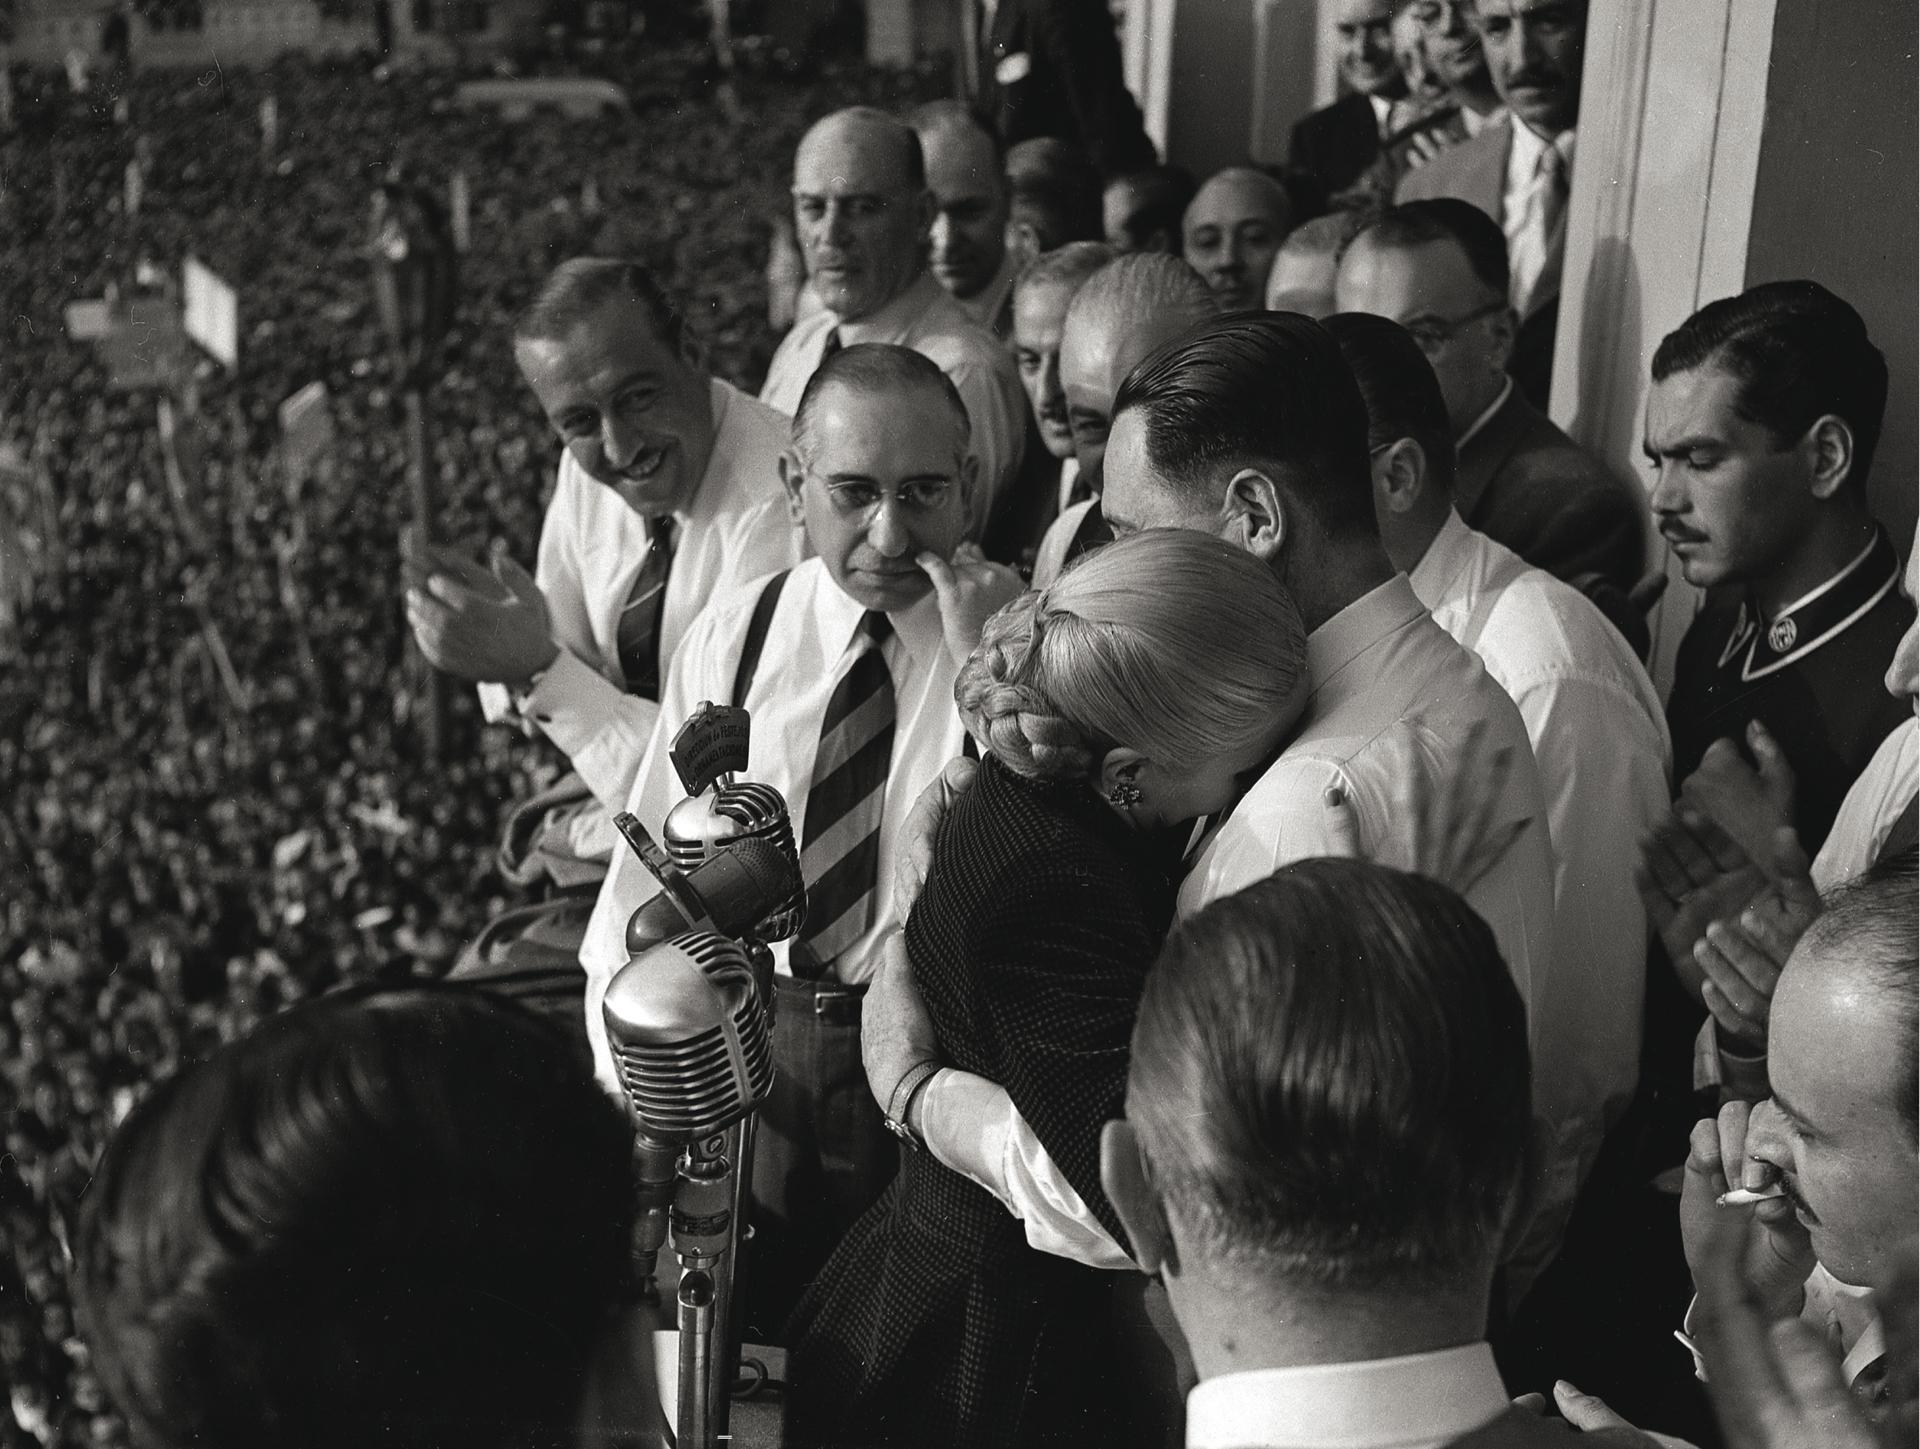 """La biografía """"La razón de mi vida"""" se publica en 1951. Ese mismo año, la CGT la postula como candidata a la vicepresidencia en una fórmula conjunta con el General Perón. No aceptó. En un acto multitudinario, dice una frase célebre: """"Renuncio a los honores pero no a la lucha"""". Las causas son diversas: la reprobación de las fuerzas armadas, su recelo a aceptar cargos oficiales y la evolución de su enfermedad. Por entonces, Evita tenía 32 años (Pinélides Aristóbulo Fusco)"""